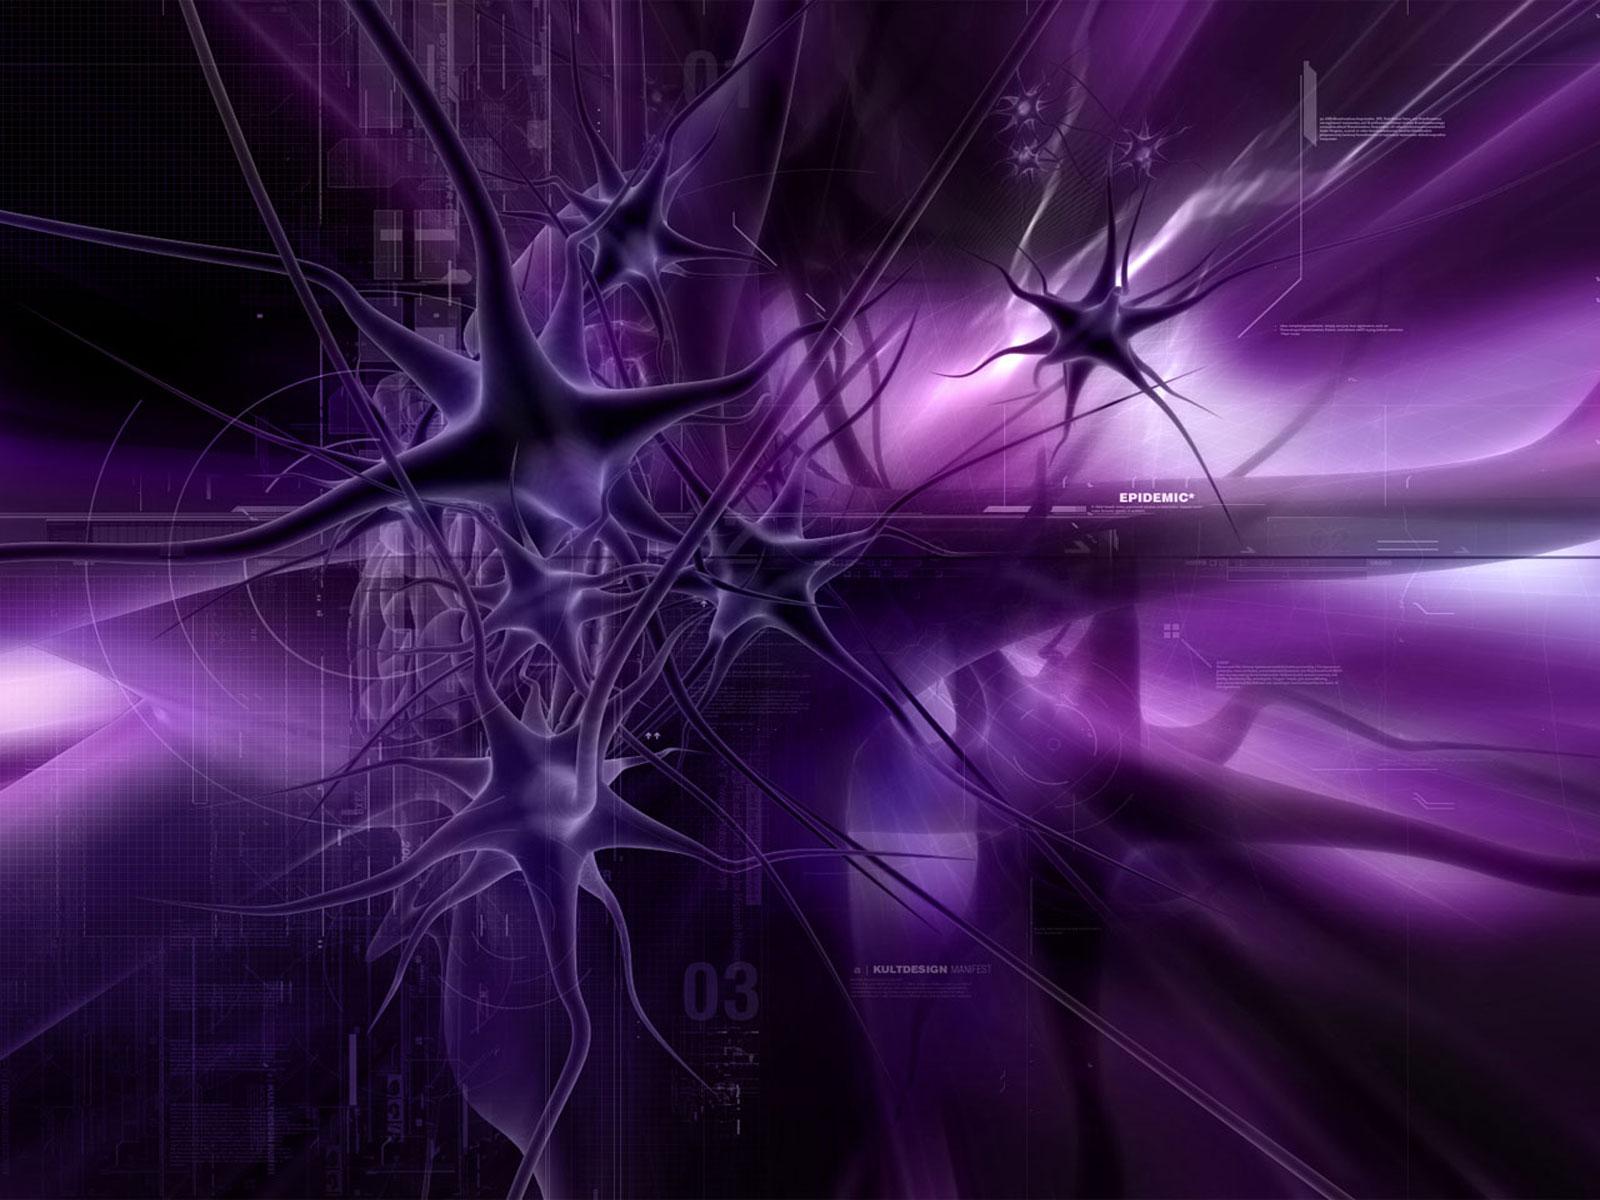 http://1.bp.blogspot.com/_9EVC1Jt2fJM/TR38pCQEtiI/AAAAAAAAALM/BPTWS5Cdhew/s1600/3d-wallpaper-neural.jpg